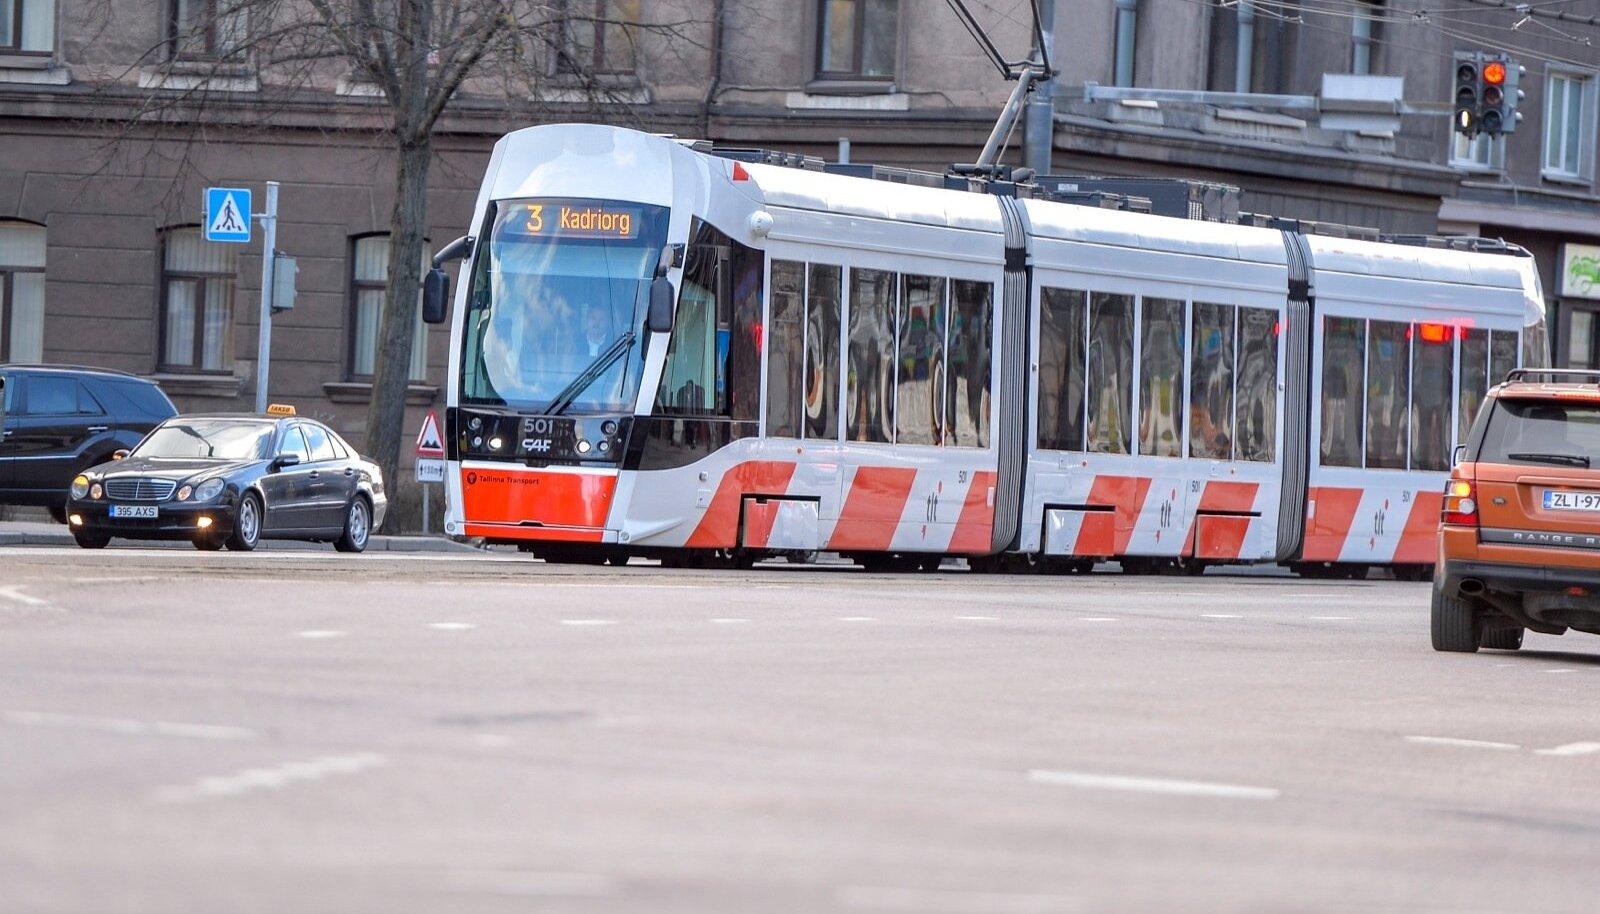 Müügist saadud raha eest ostetu vurab praegu Eesti teedel: Tallinnas on näha Hispaaniast saadud moodsaid tramme.